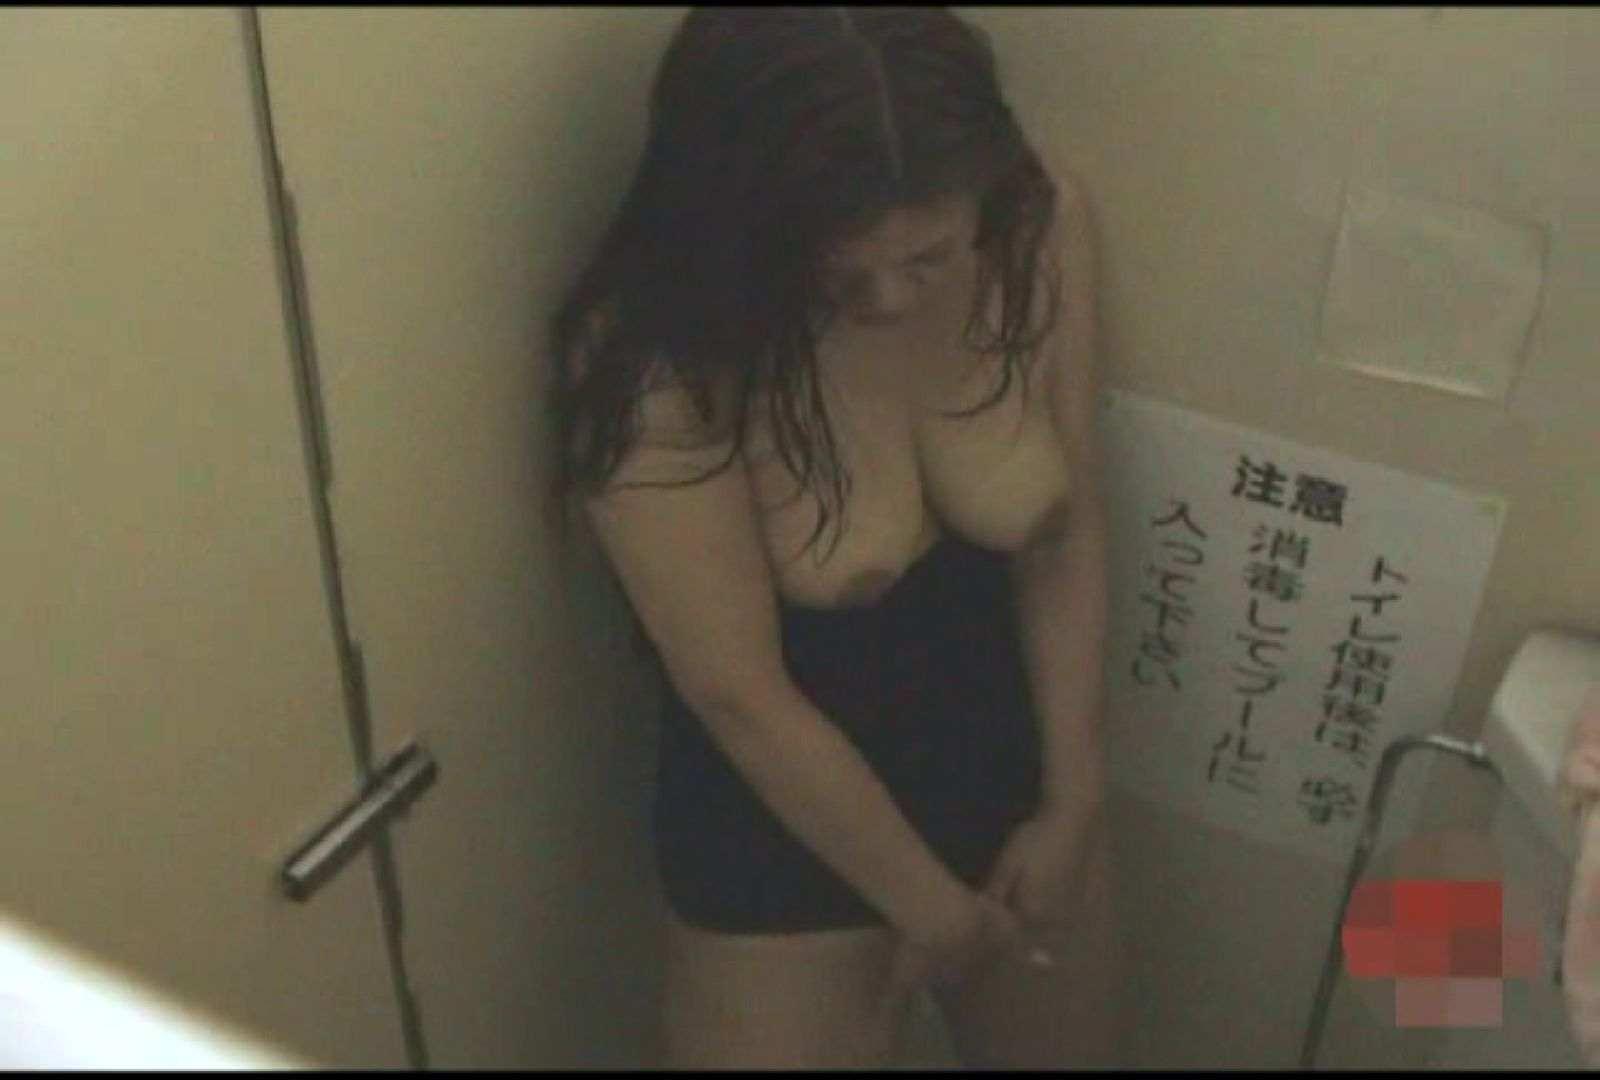 体育会系オナニー部Vol.3 シャワー室 盗撮おめこ無修正動画無料 94画像 13